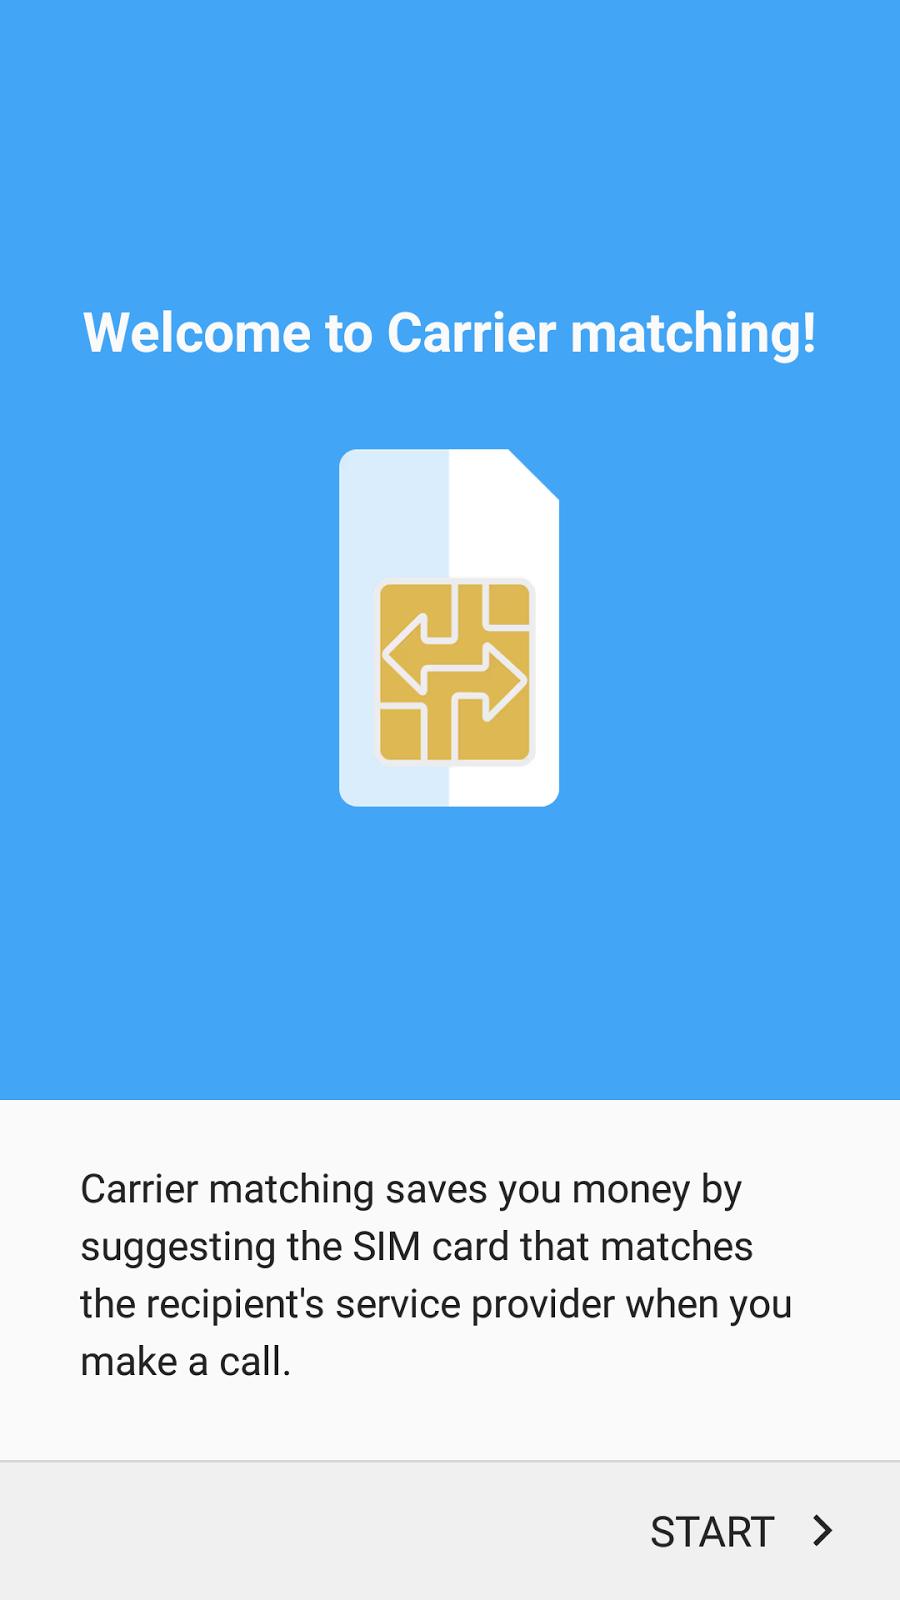 Apa Itu Carrier Matching Fitur Terbaru Pada Smartphone Android Samsung Webbudi Com